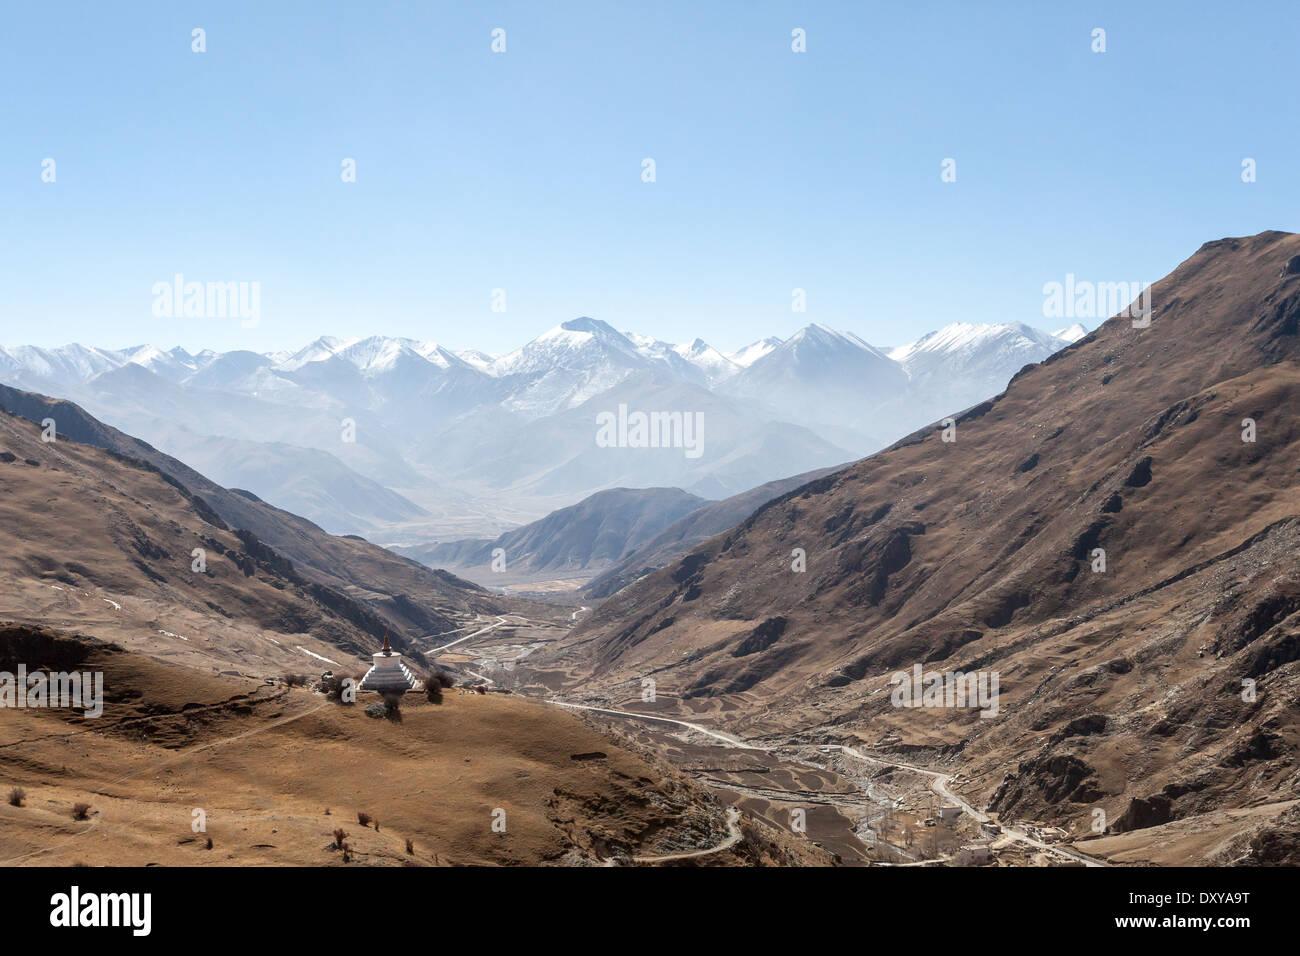 View from Drak Yerpa, Tibet - Stock Image